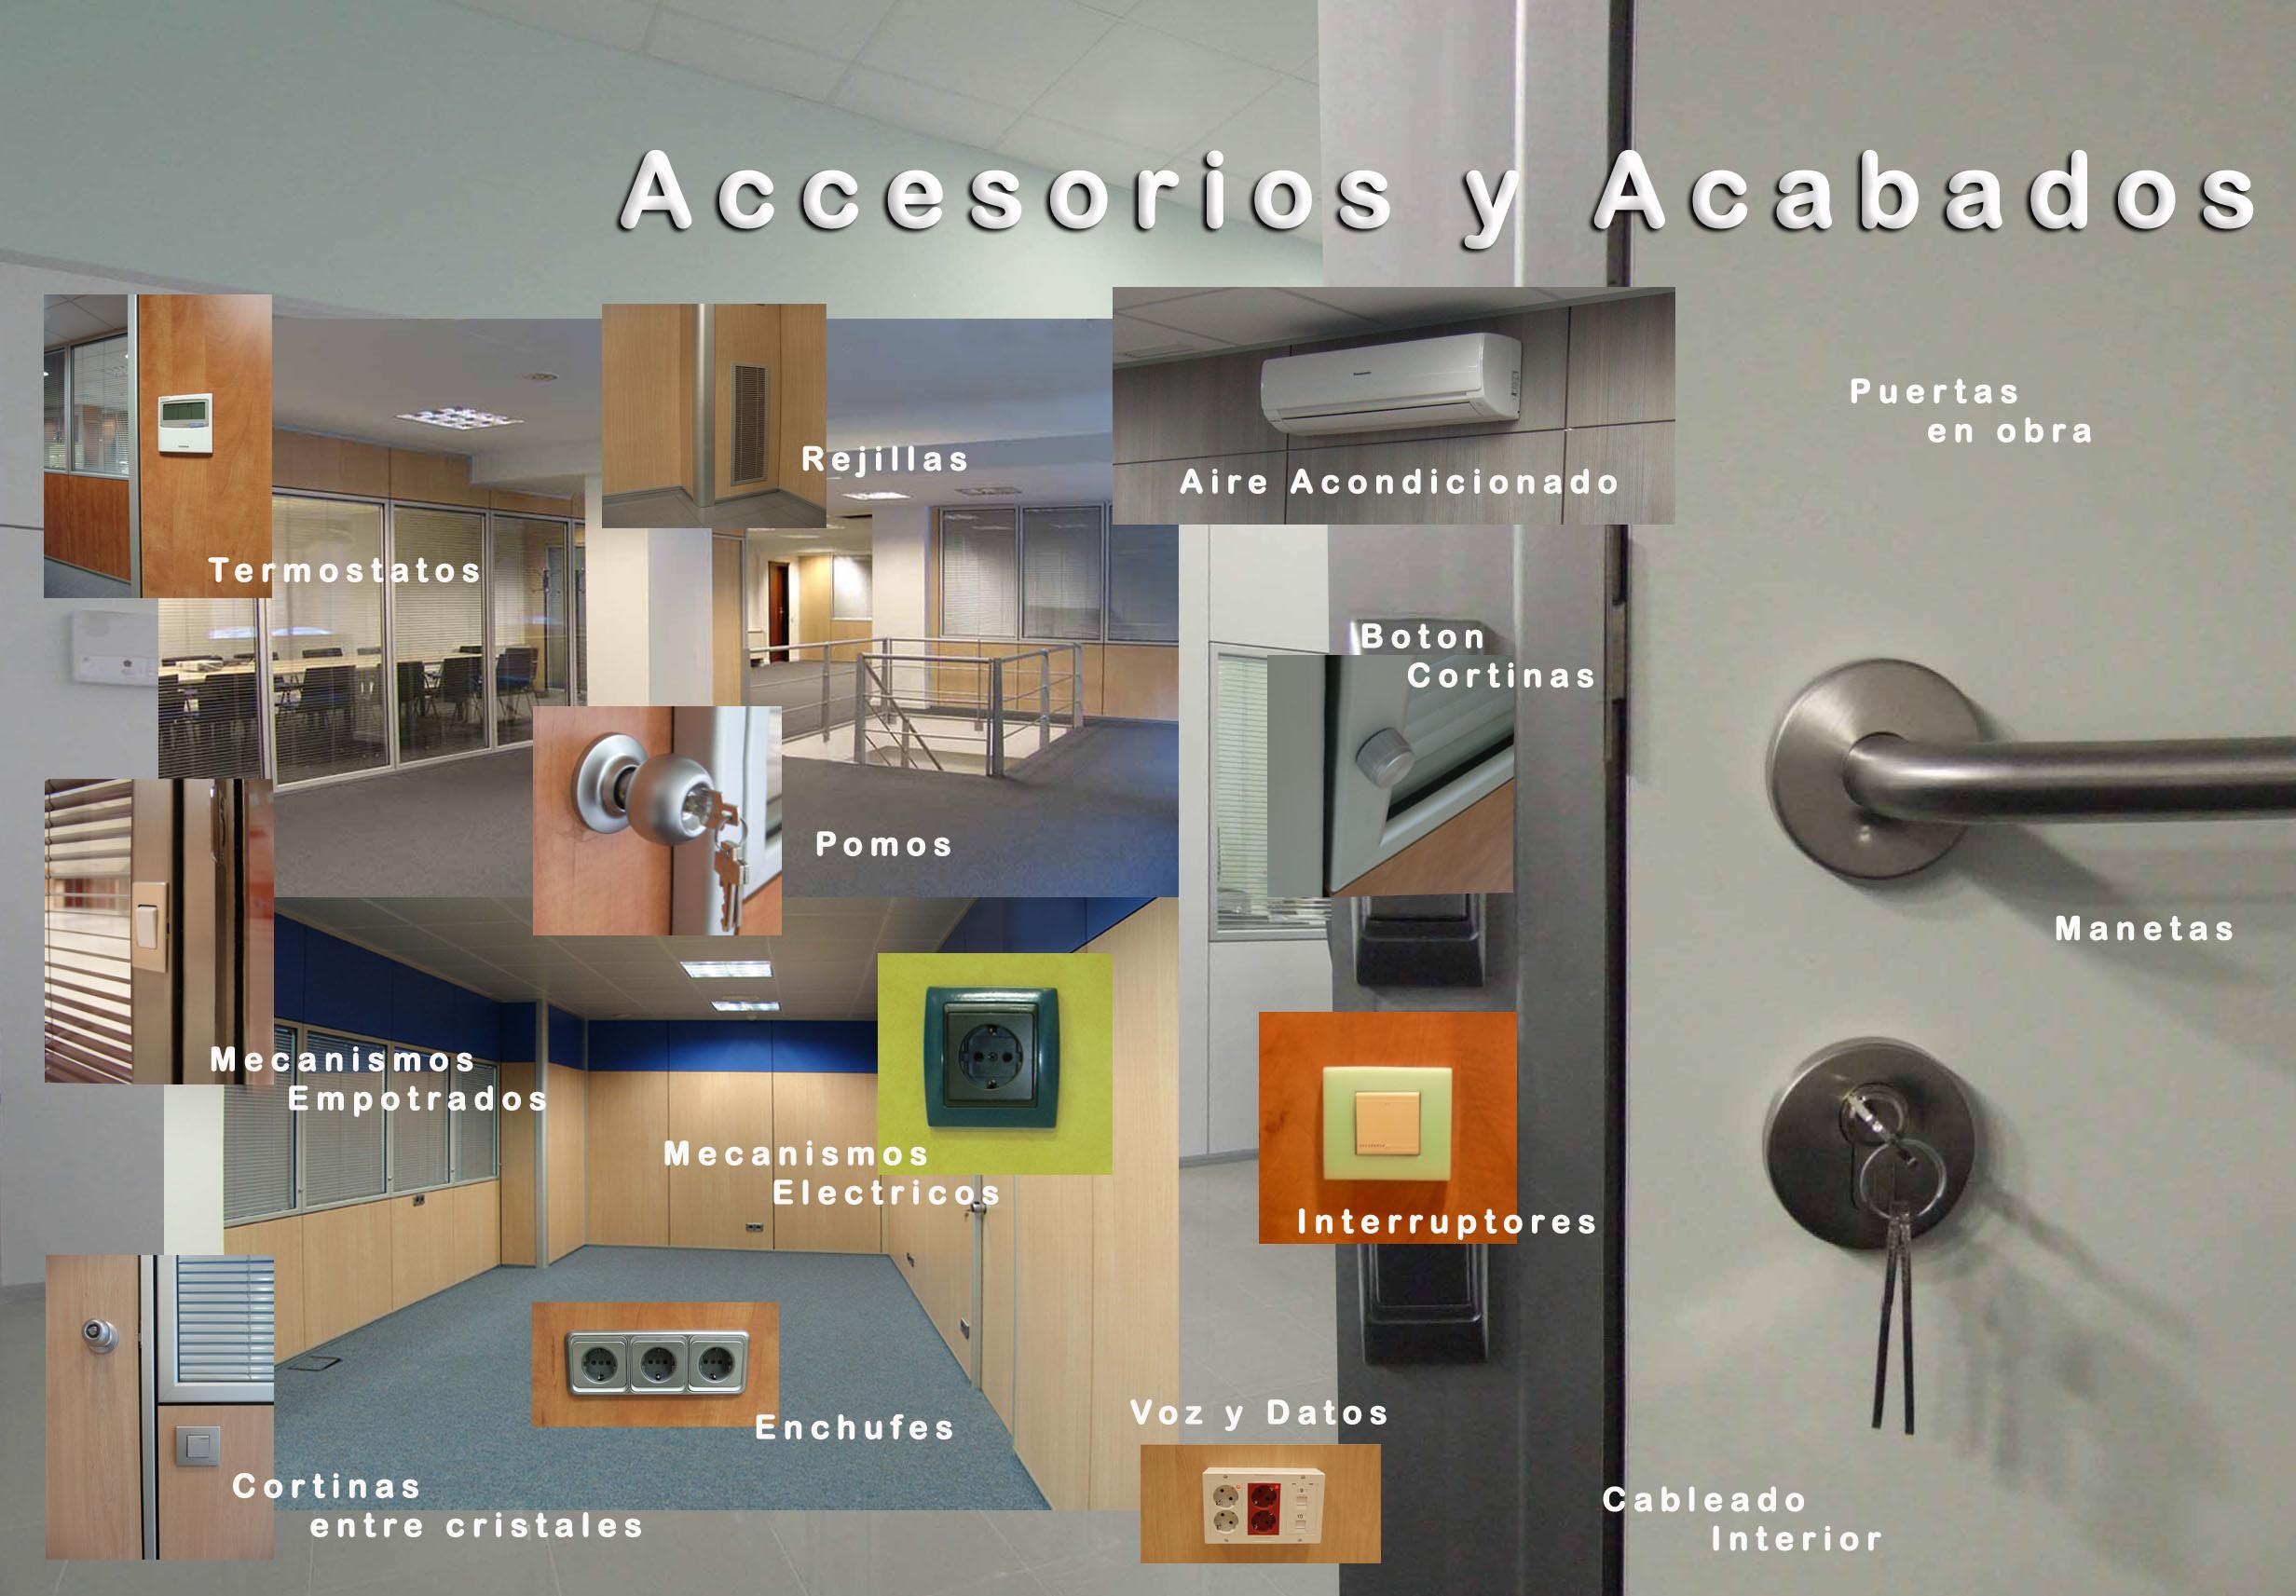 Mamparas de oficina en Barcelona - Mamparas para despachos en Barcelona - Accesorios y Acabados